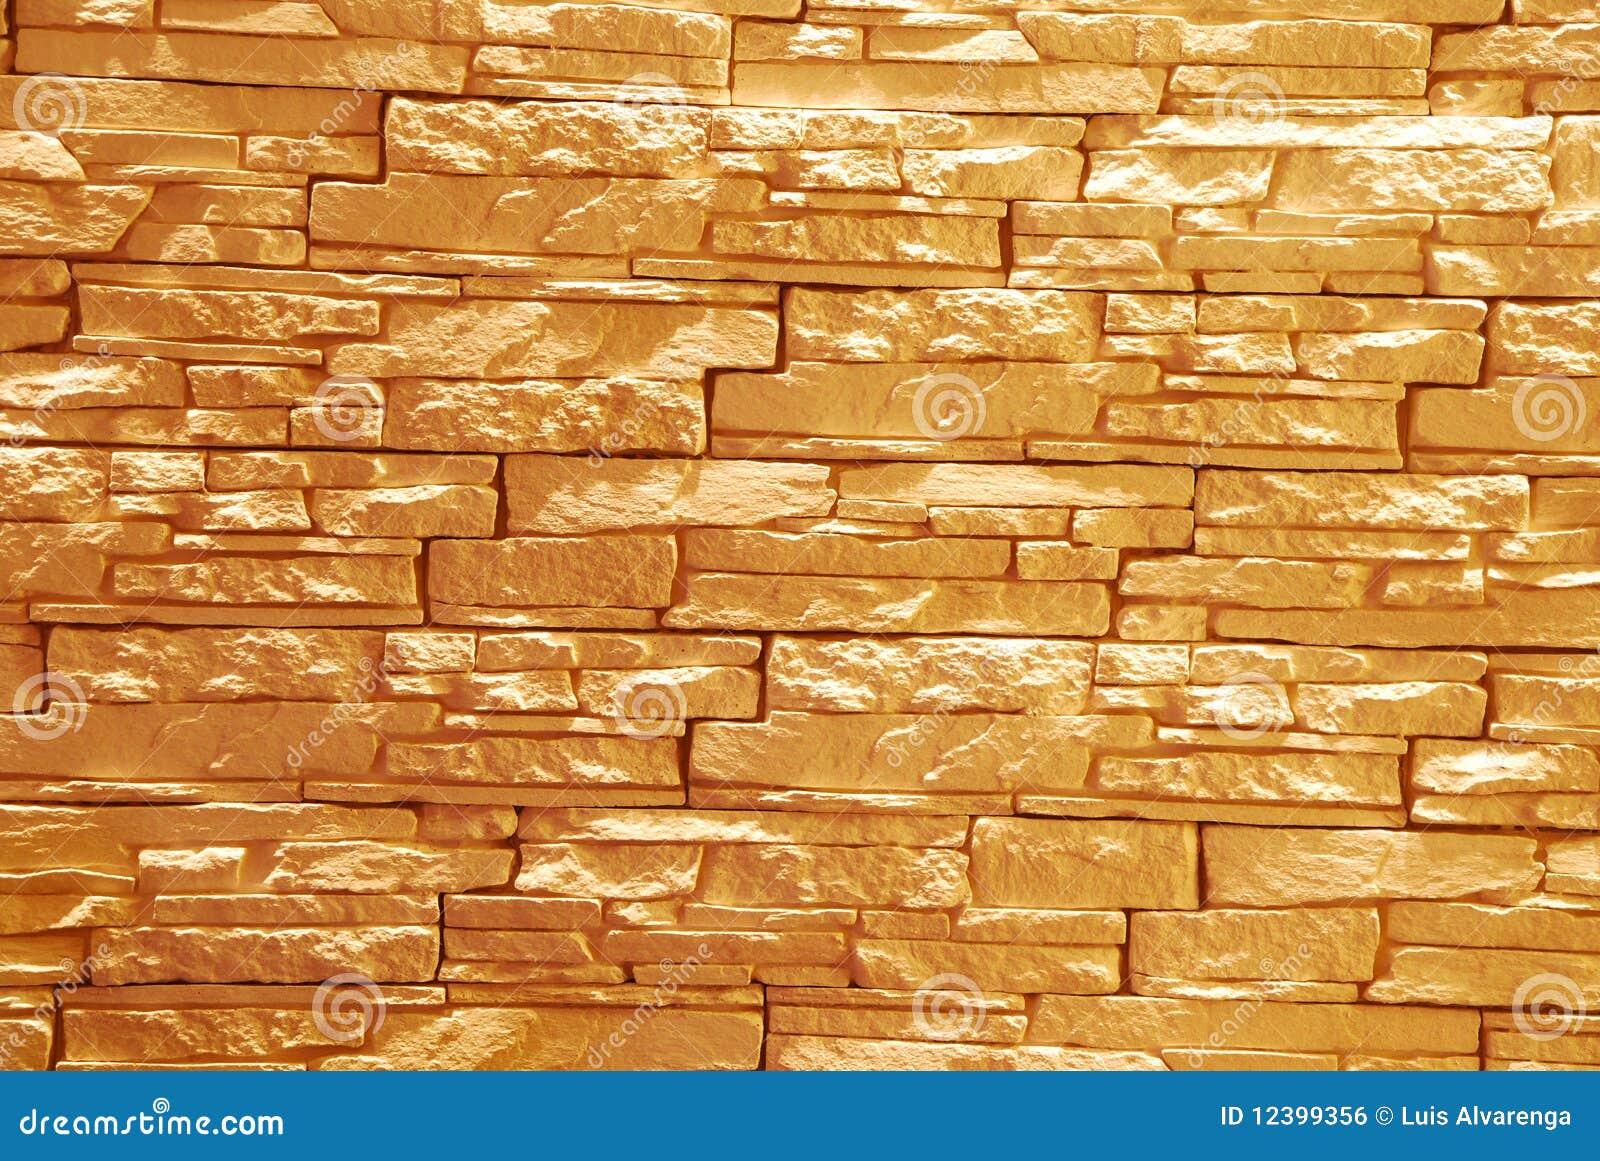 Pared de piedra unshaped iluminada foto de archivo - Pared interior de piedra ...